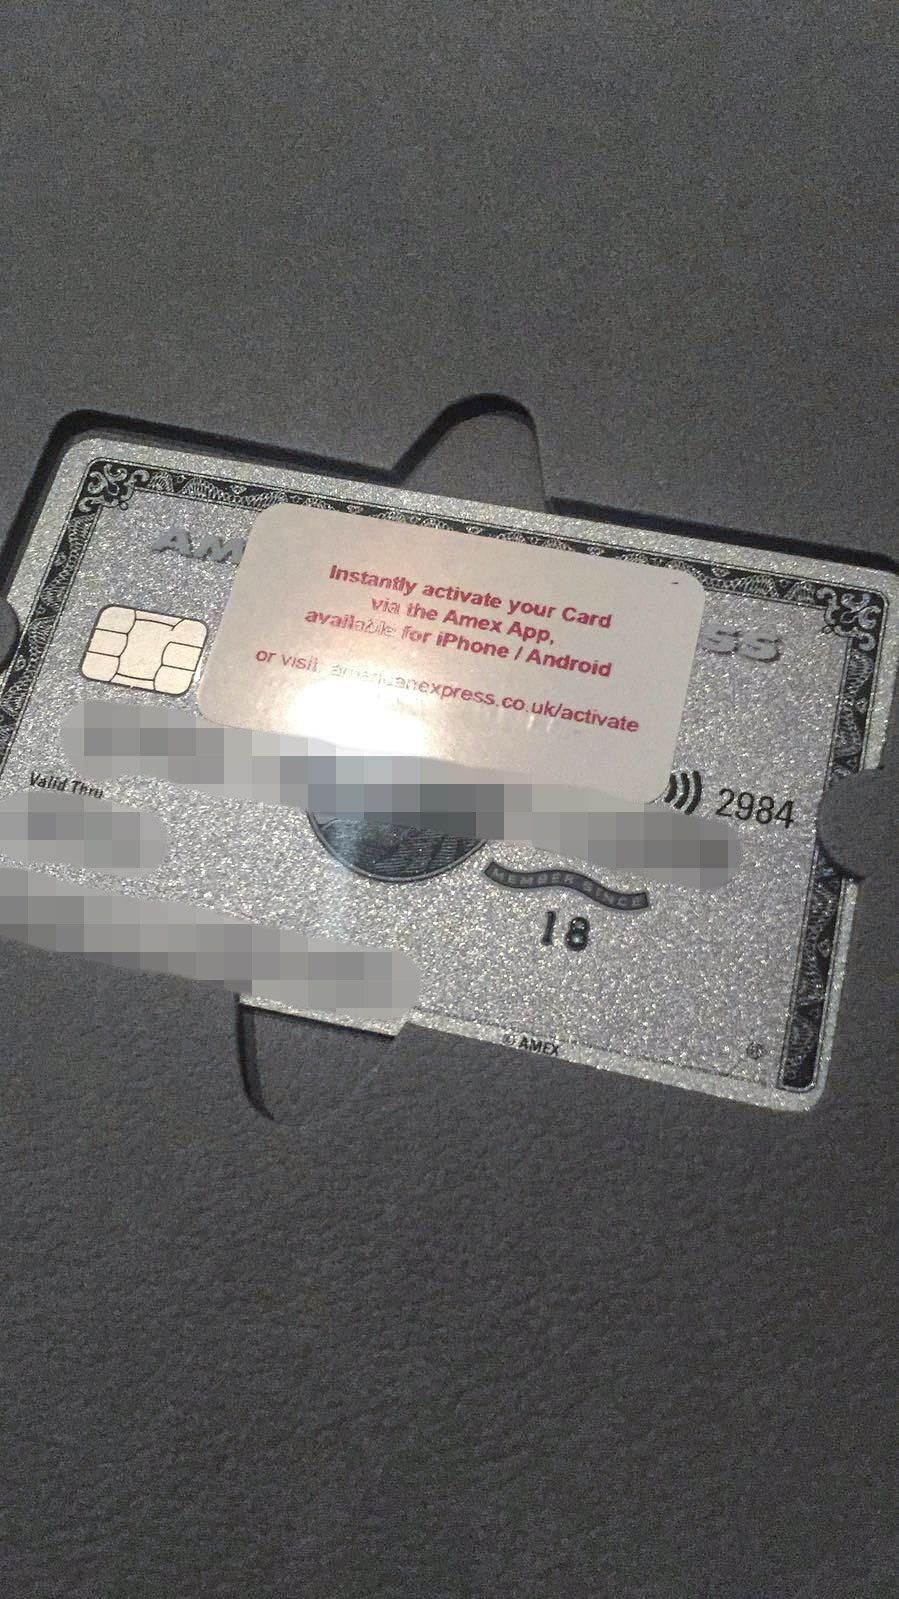 KREDITTGJELD: Simon Leviev ba Cecilie Fjellhøy om å søke om et kredittkort han kunne bruke – for å så betale tilbake. Senere fikk Fjellhøy vite at Leviev er en dømt og etterlyst svindler.